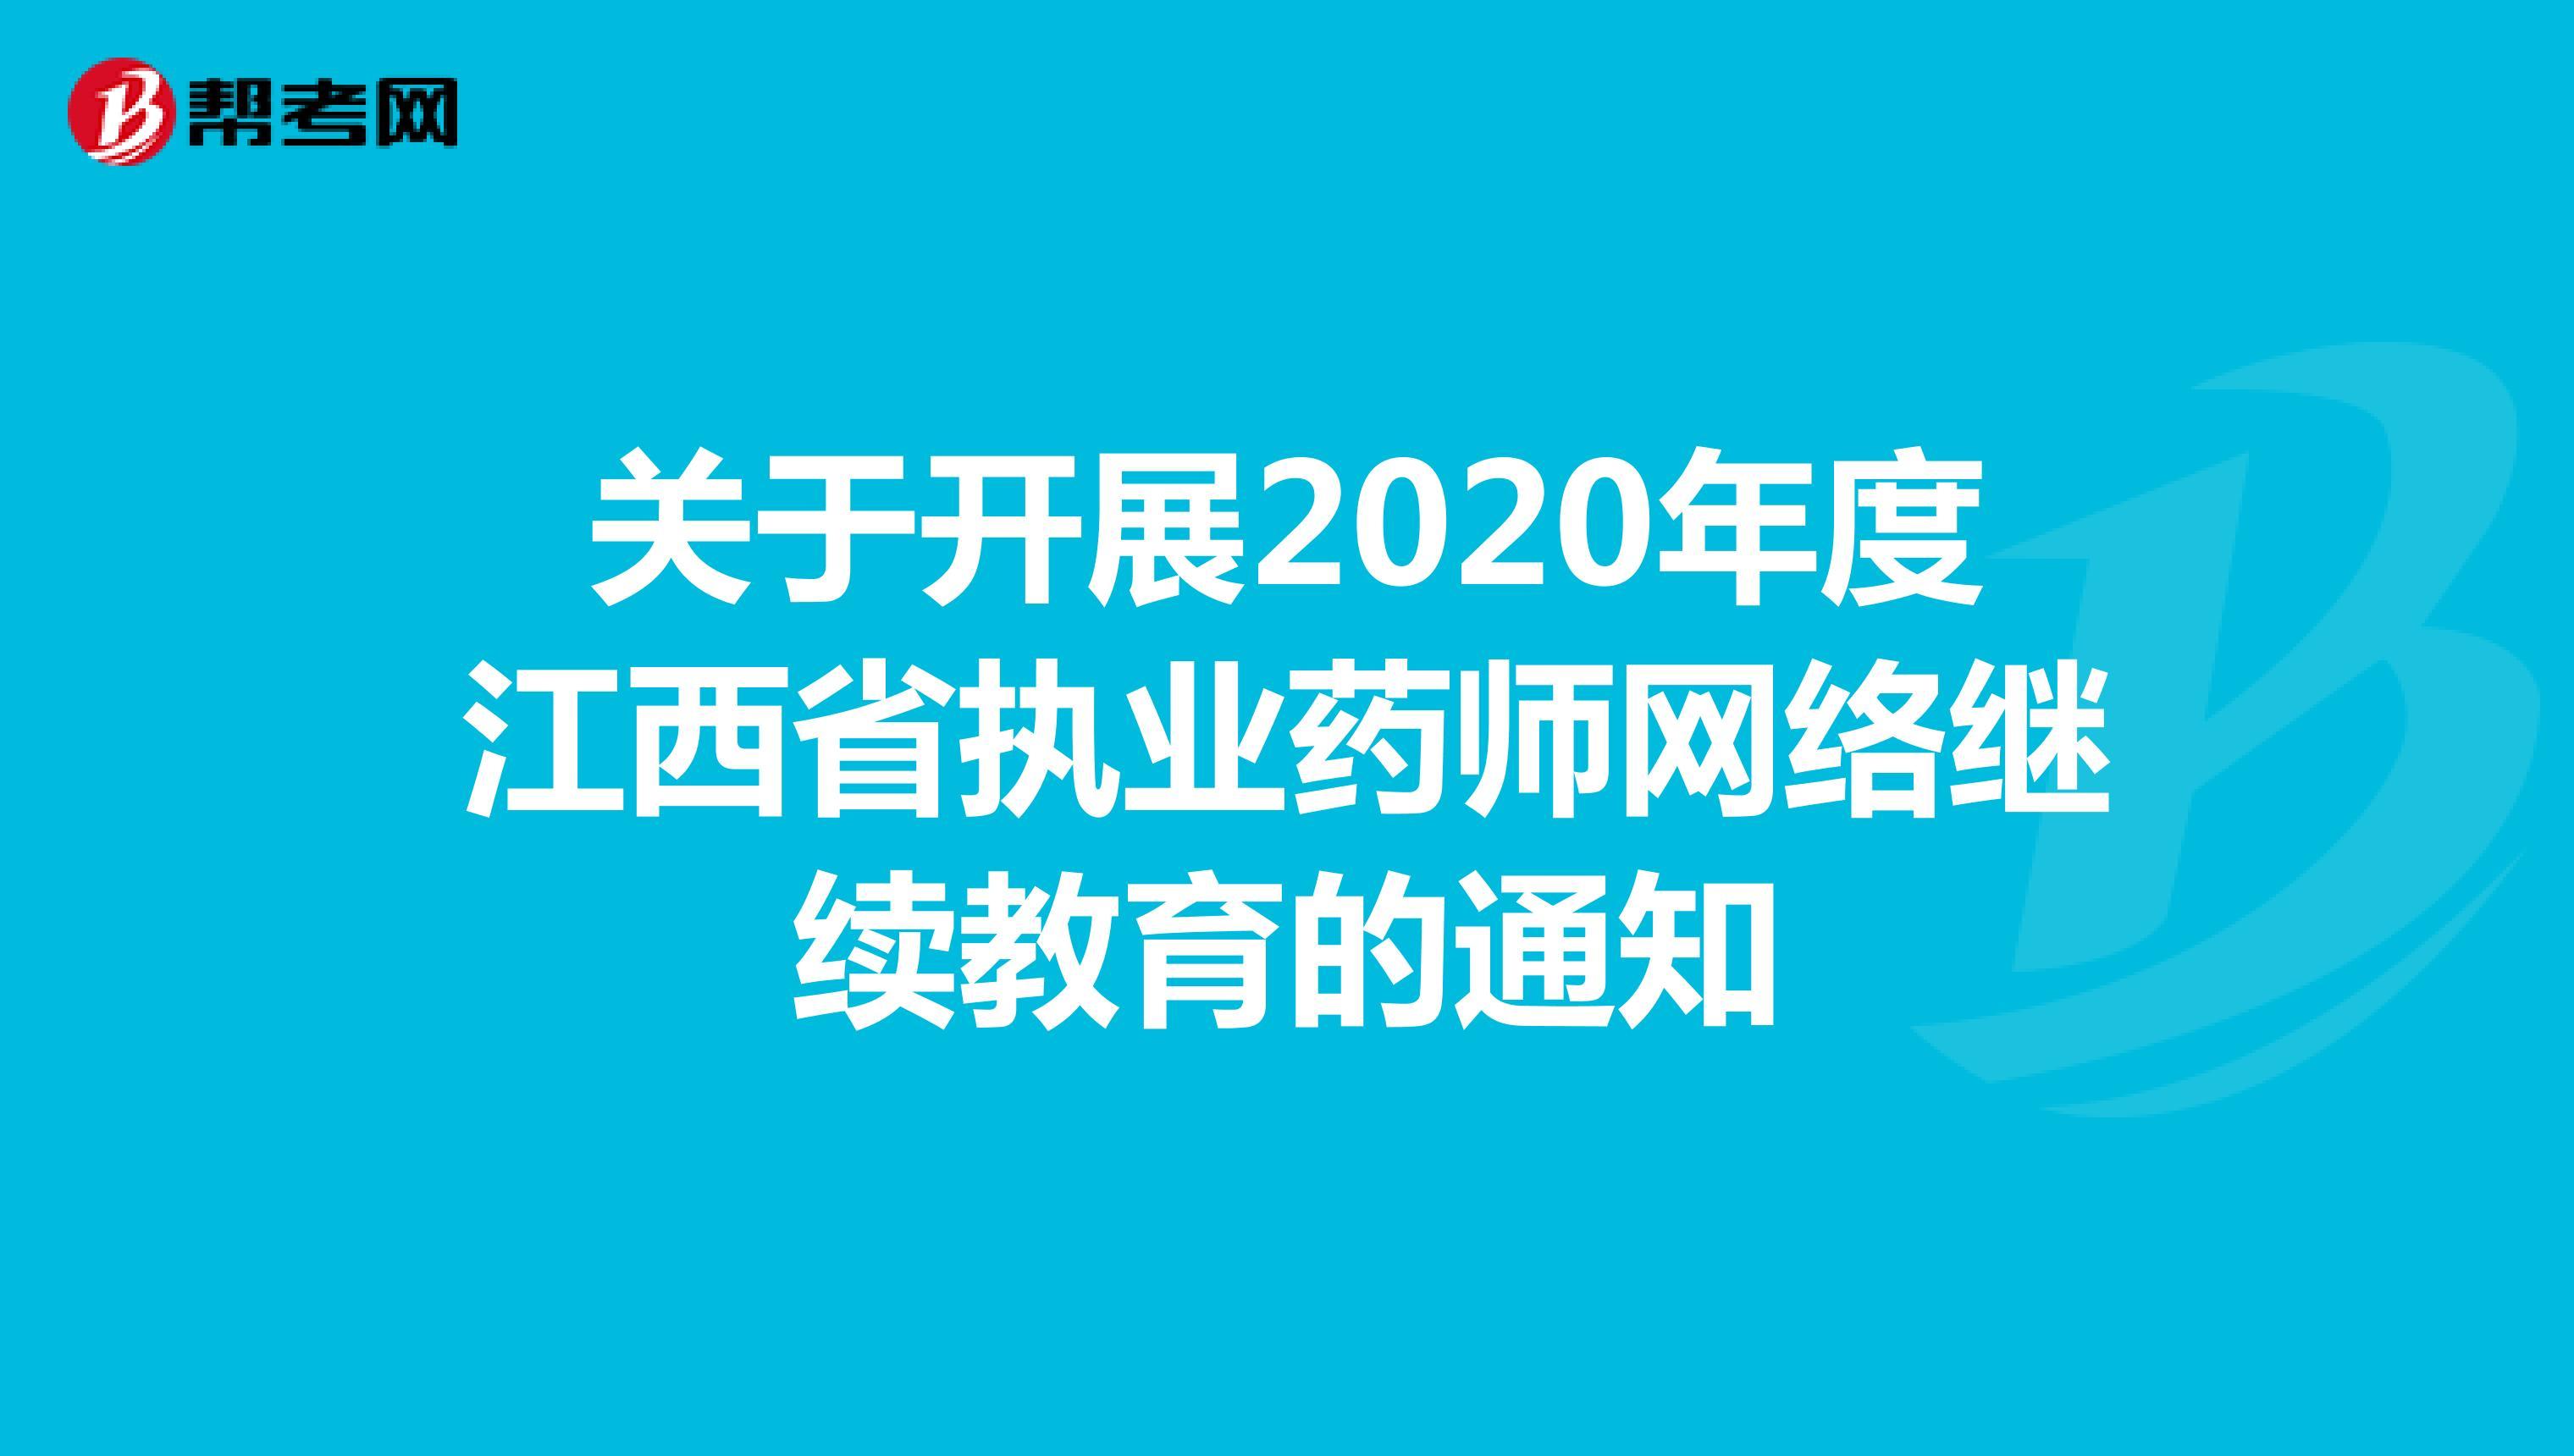 关于开展2020年度江西省执业药师网络继续教育的通知